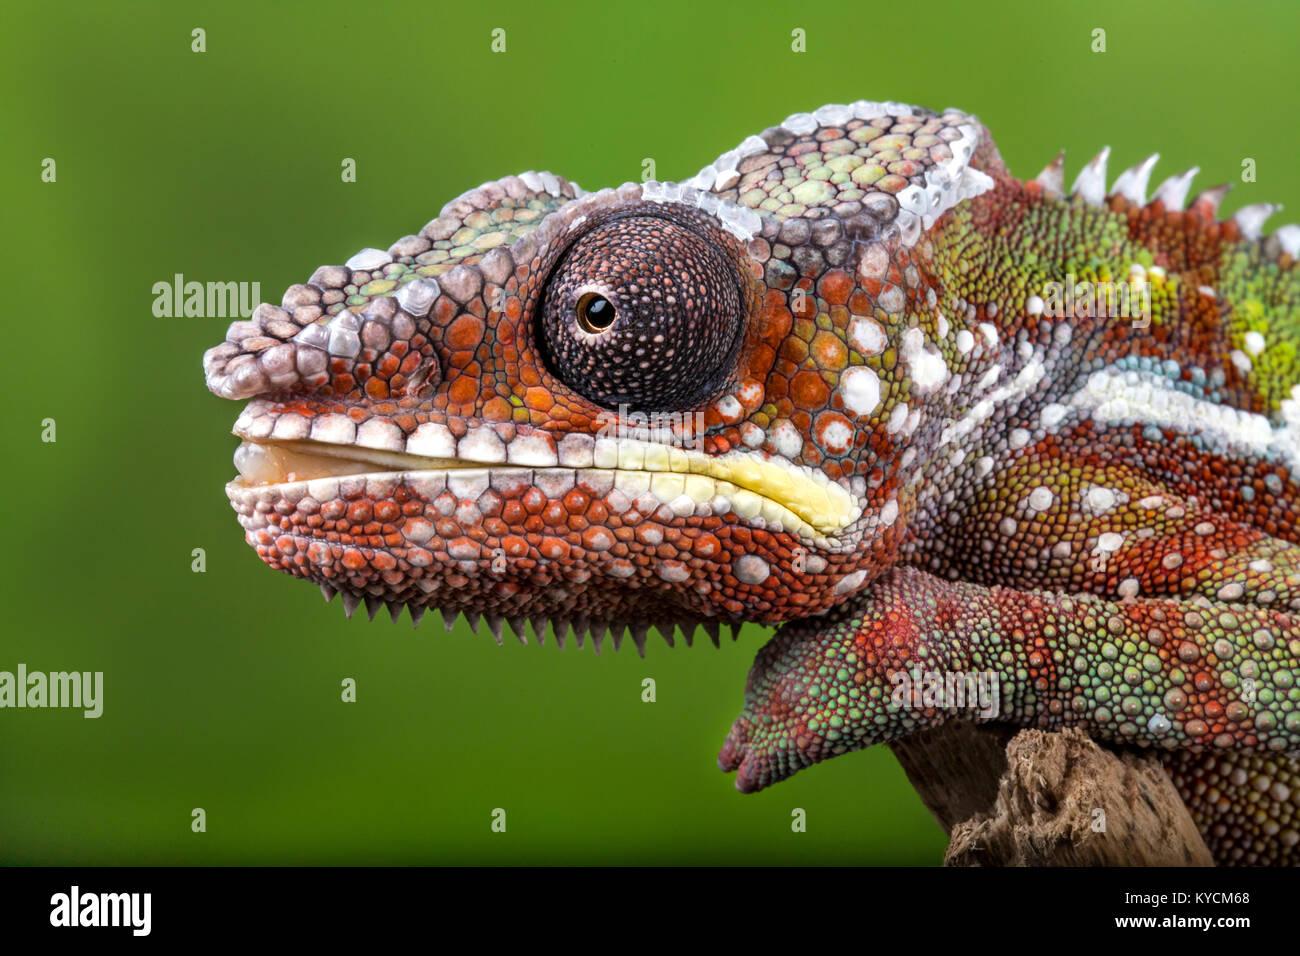 Un colorido camaleón pantera deseando y acerca a la huelga con la tounge.Con la liberación. Foto de stock